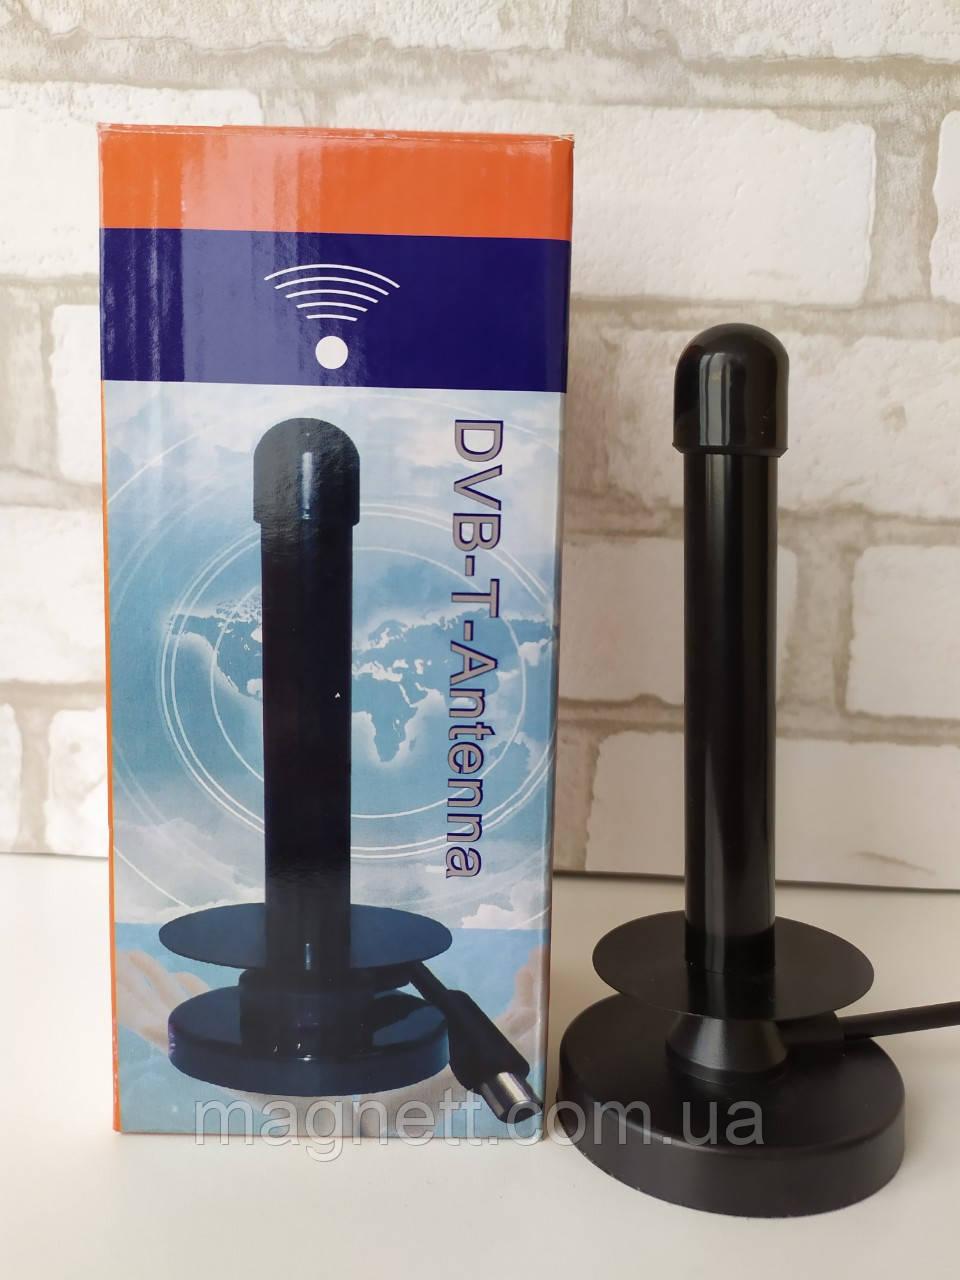 Телевизионная HD антенна DVB-TW25 DVB-T-Antenna